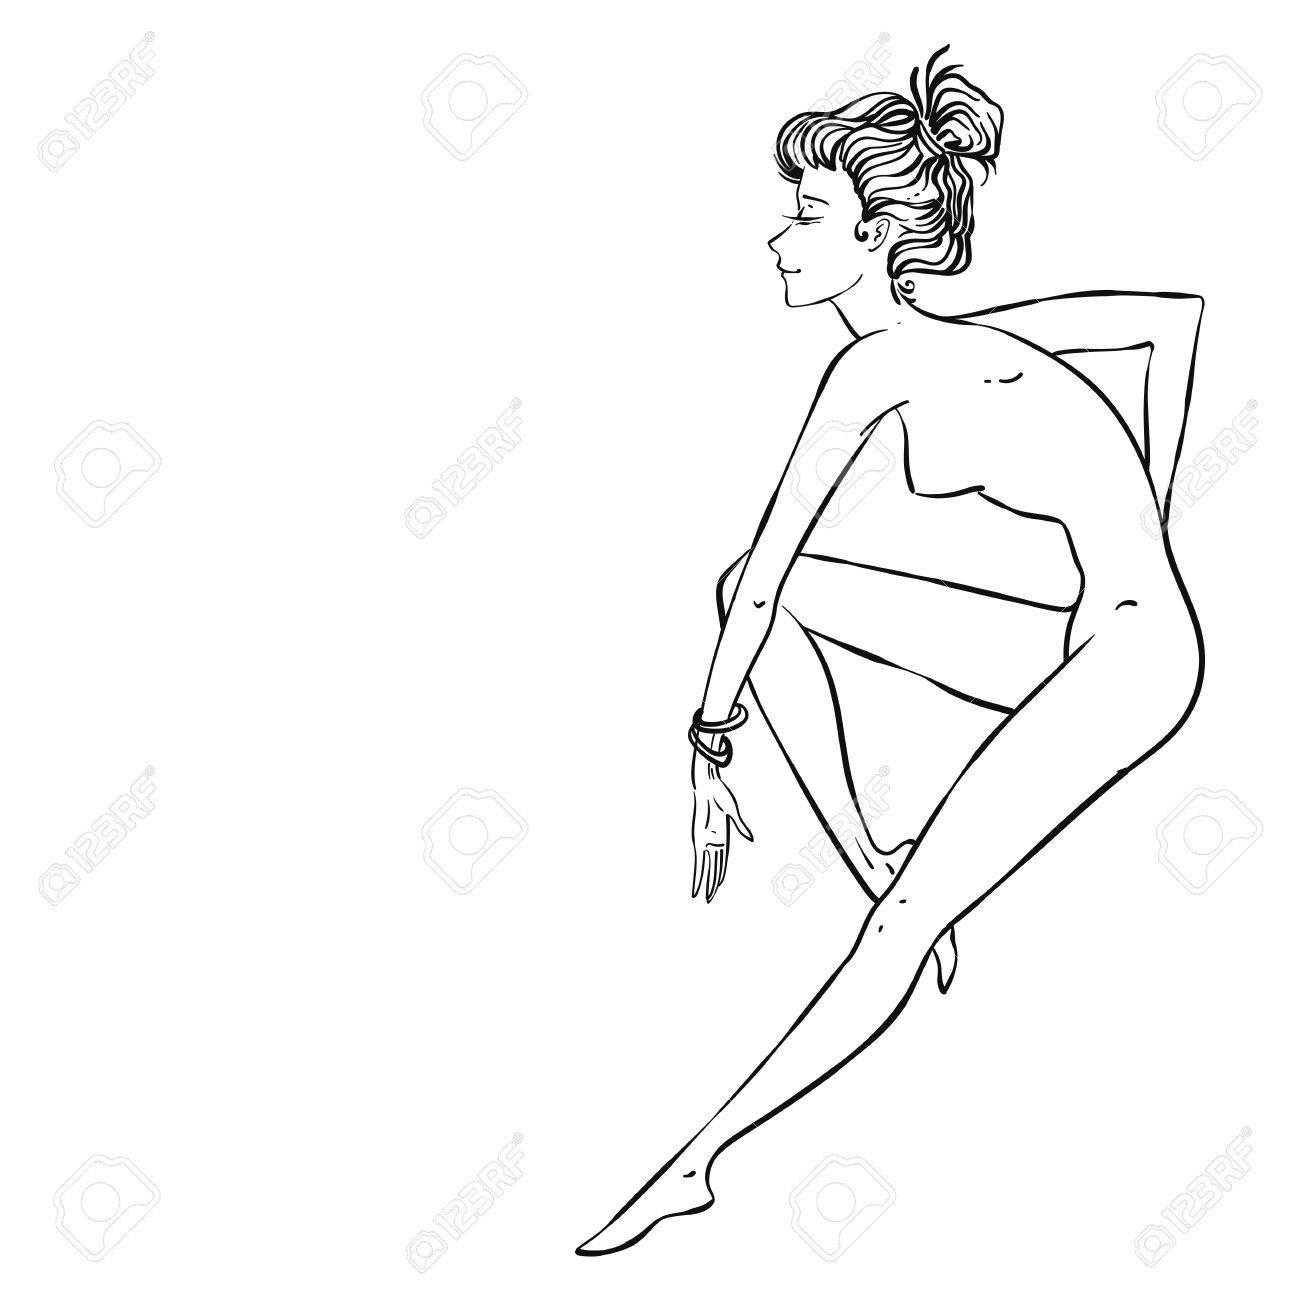 Pin Up Girl Drawing At Getdrawings